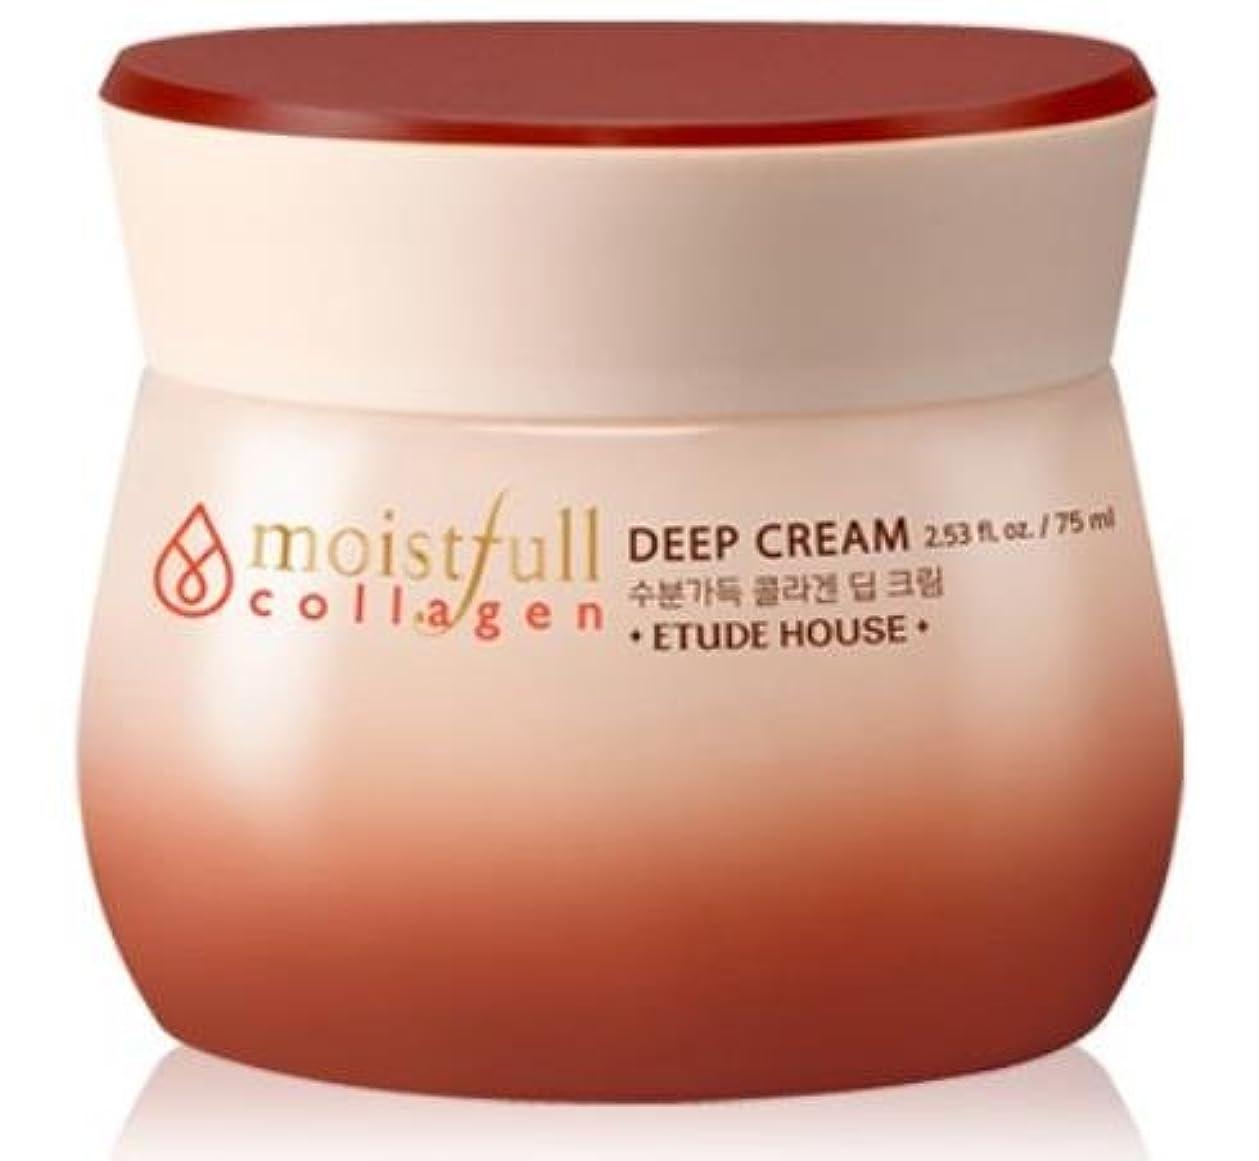 レオナルドダ思い出させる混乱させる[エチュードハウス] ETUDE HOUSE [モイストフルコラーゲ 深いクリーム] (Moistfull Collagen Deep Cream) [並行輸入品]